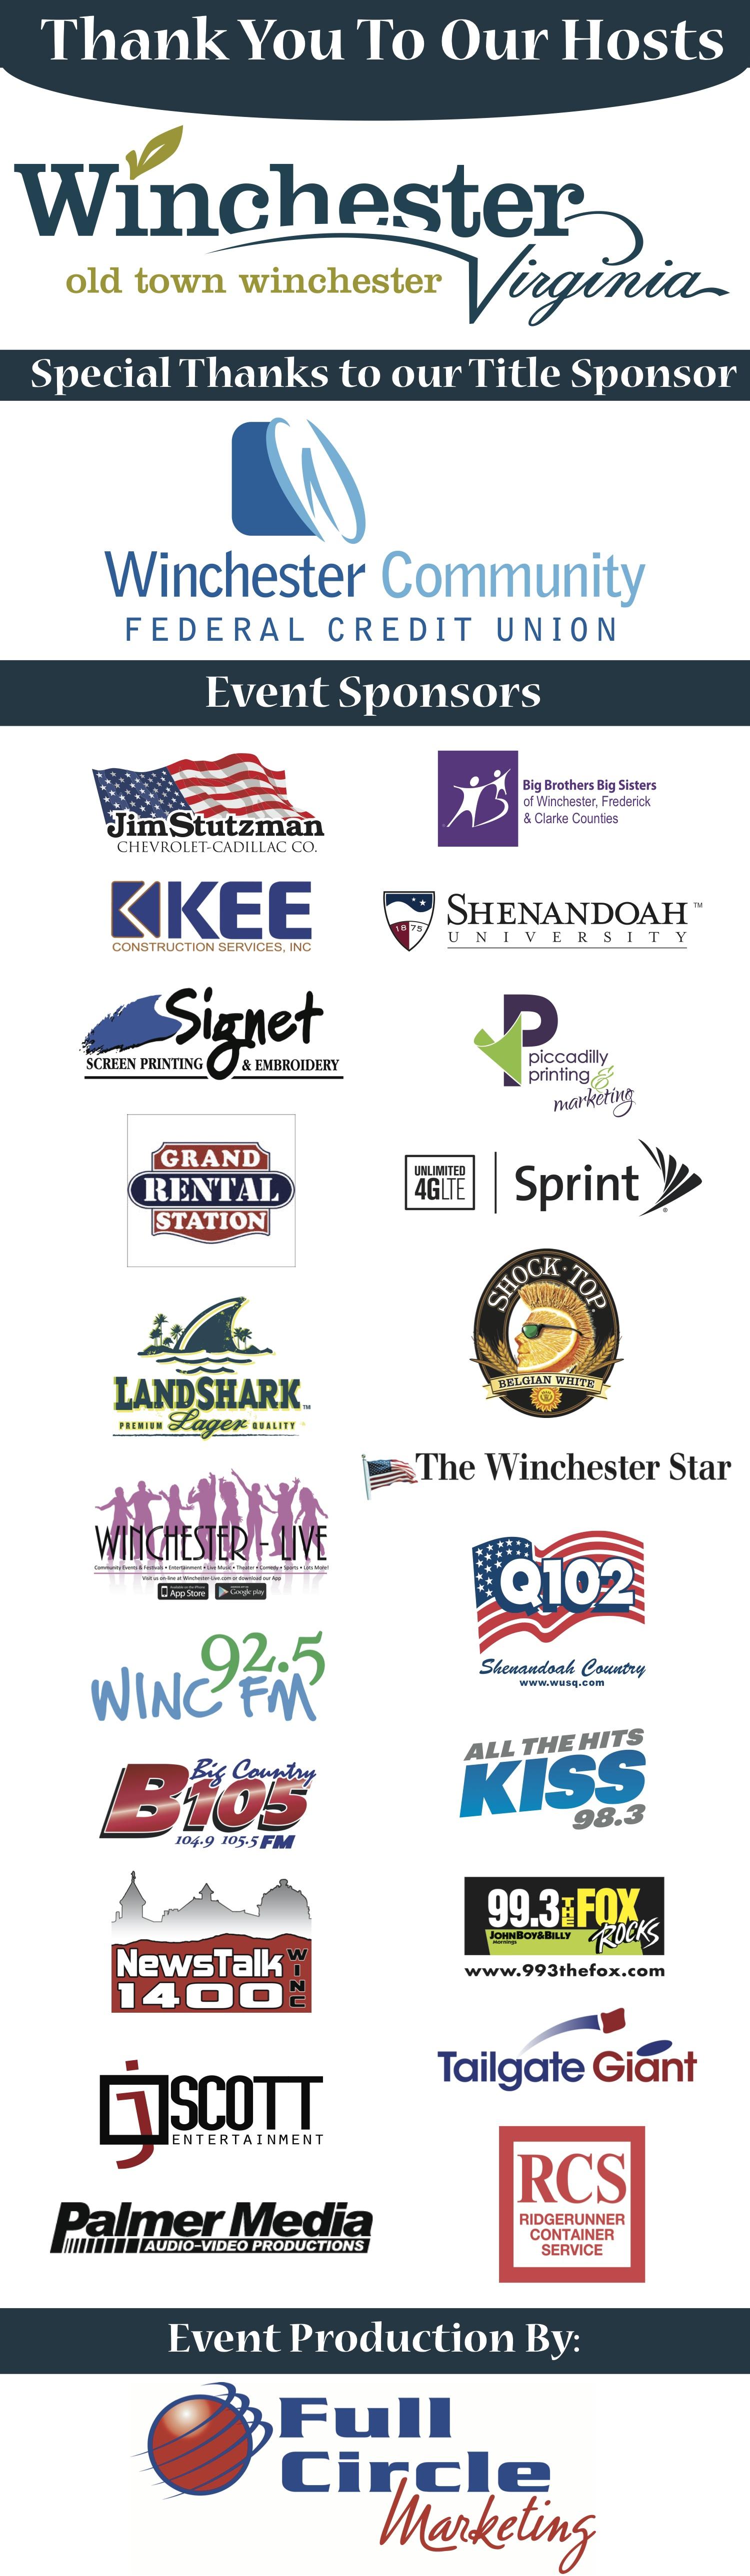 2014 FNL All_Sponsors